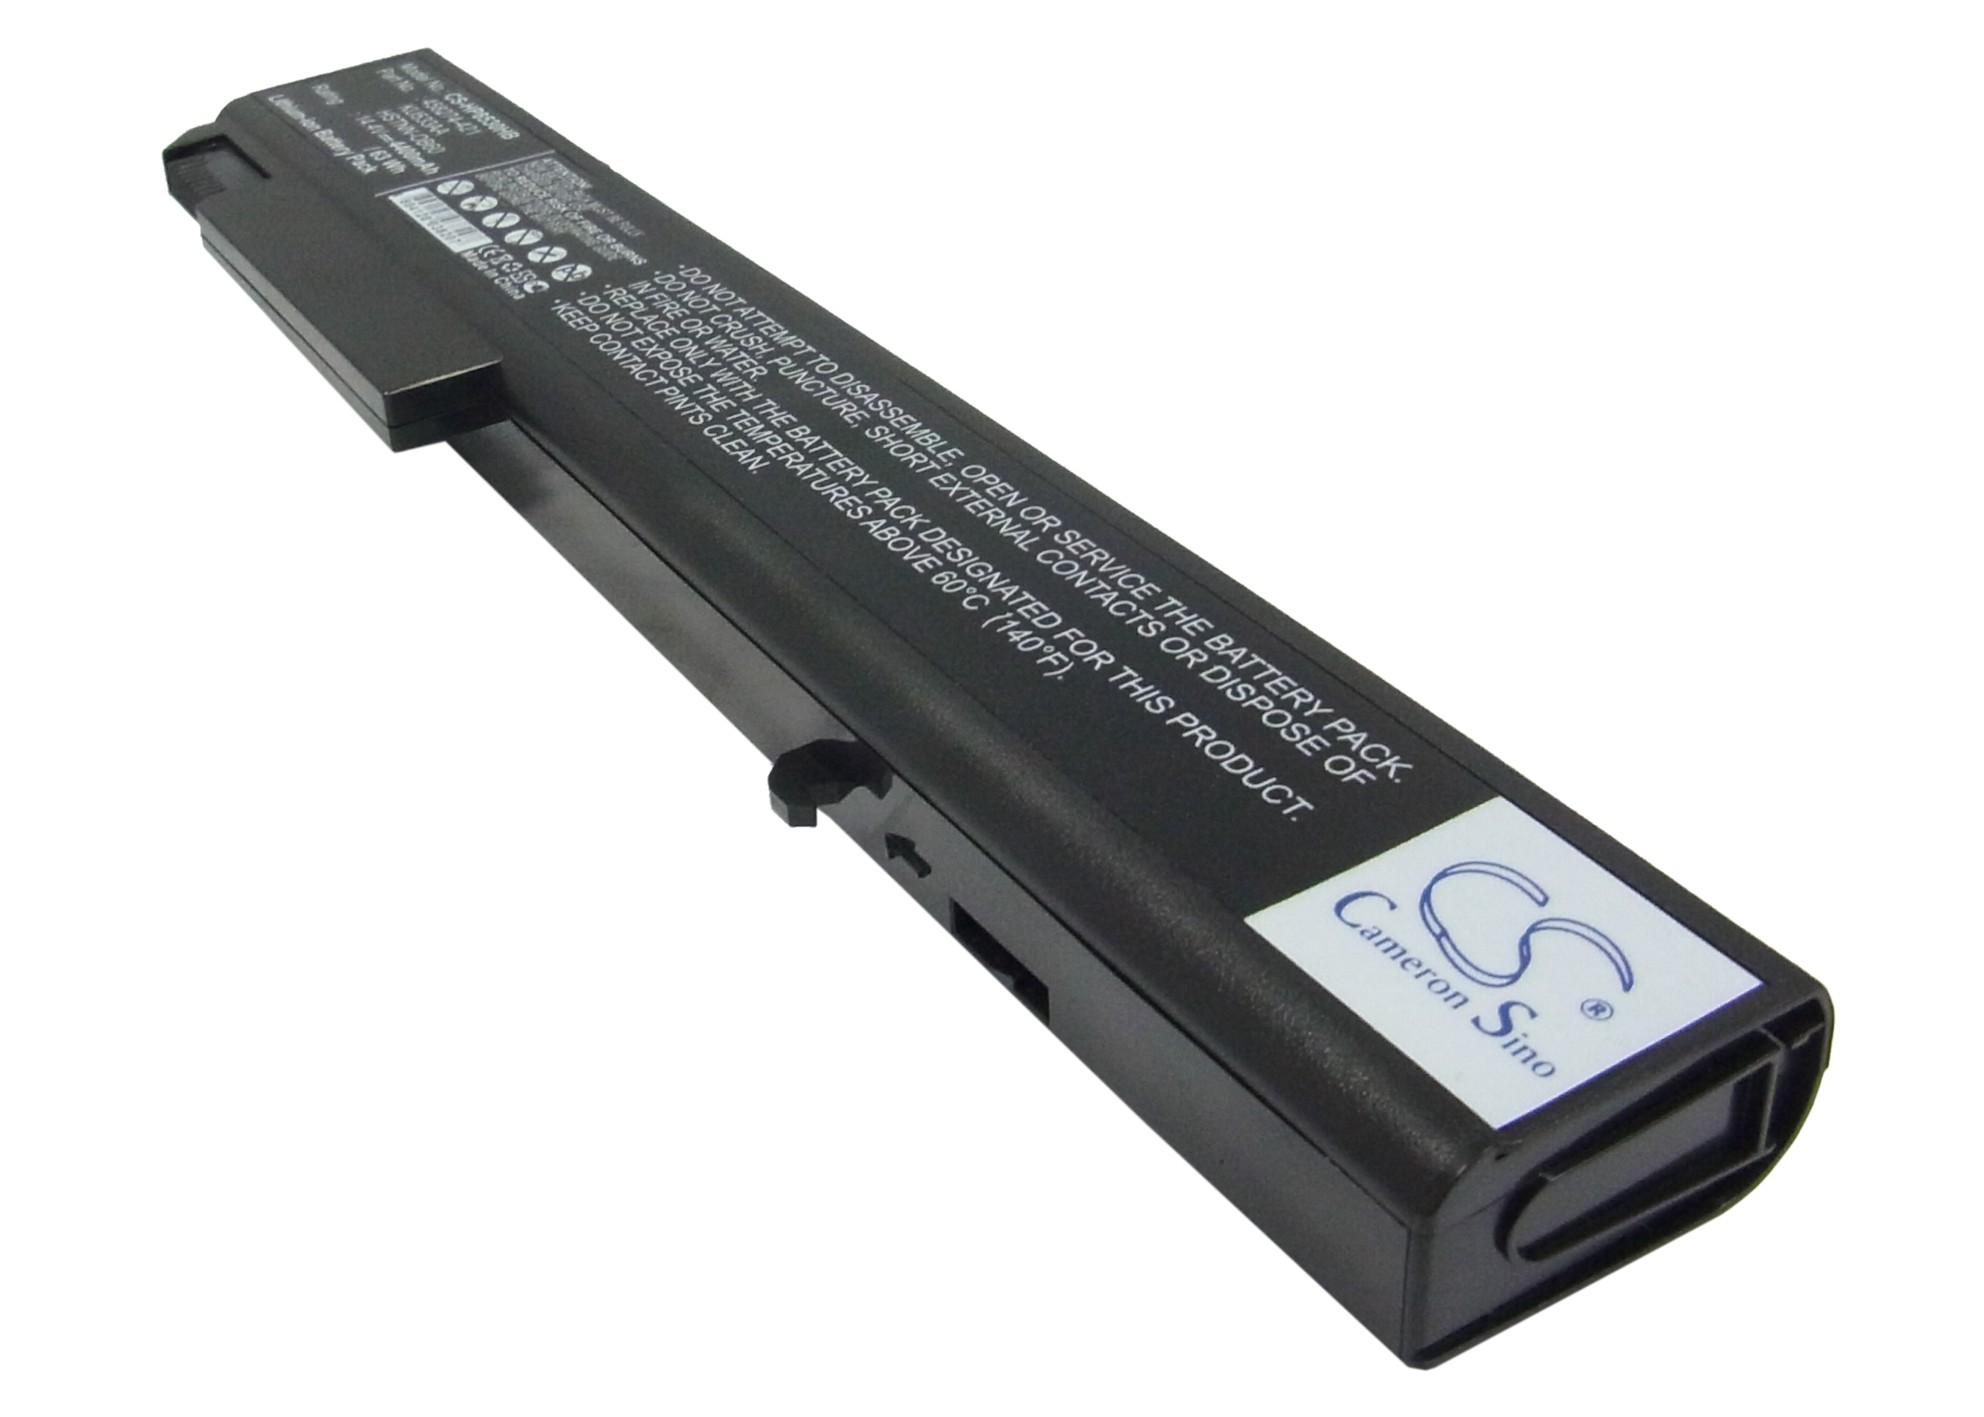 Cameron Sino baterie do notebooků pro HP EliteBook 8540p 14.4V Li-ion 4400mAh černá - neoriginální